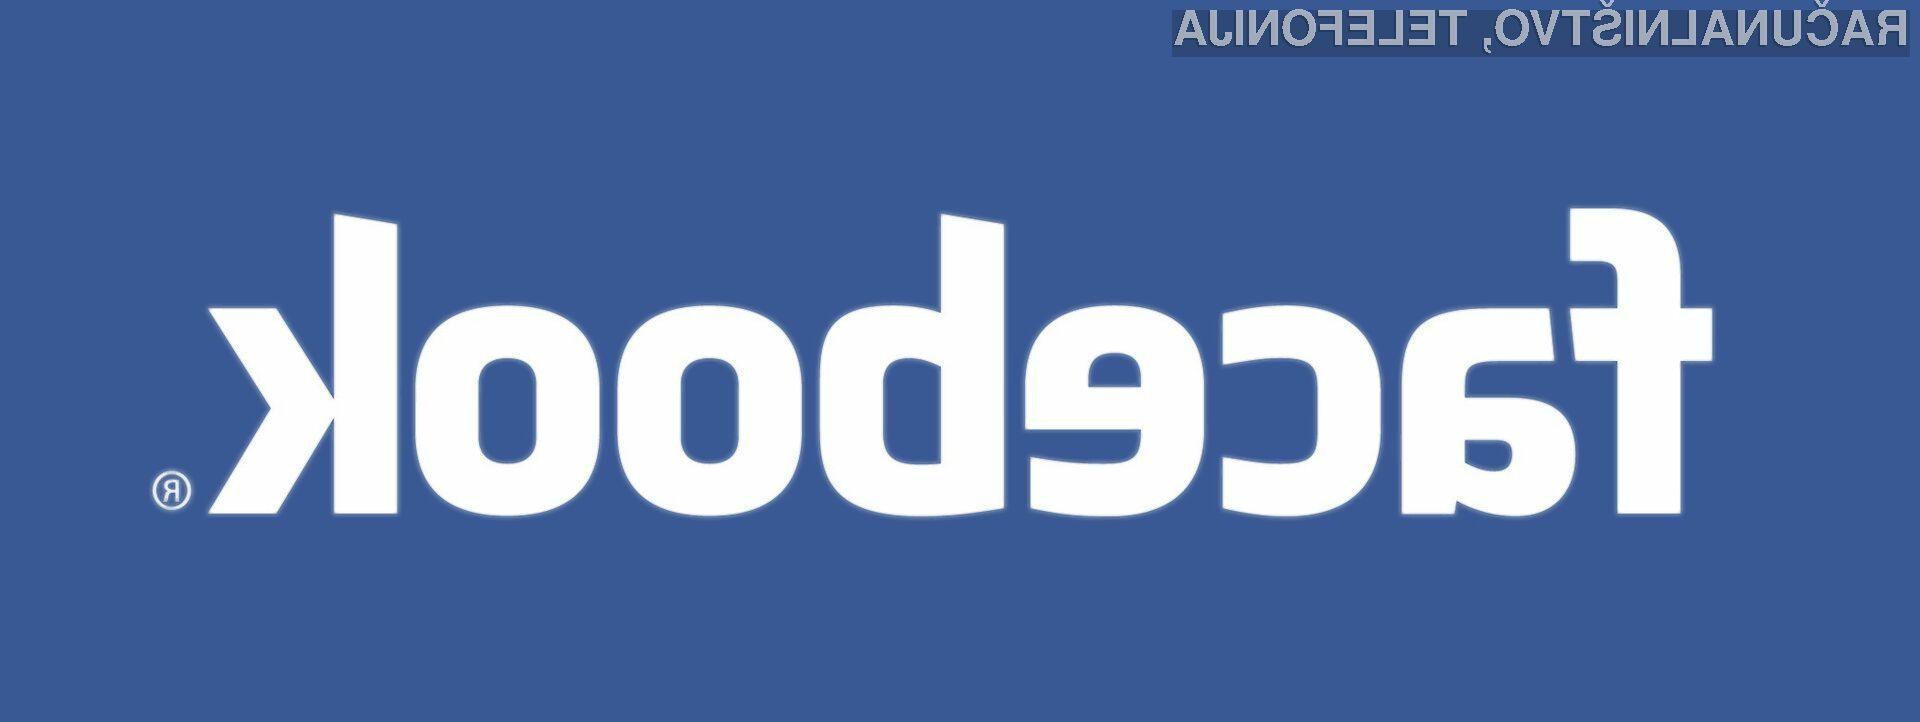 Bodite zelo previdni na to, kaj objavljate na socialni mreži Facebook!